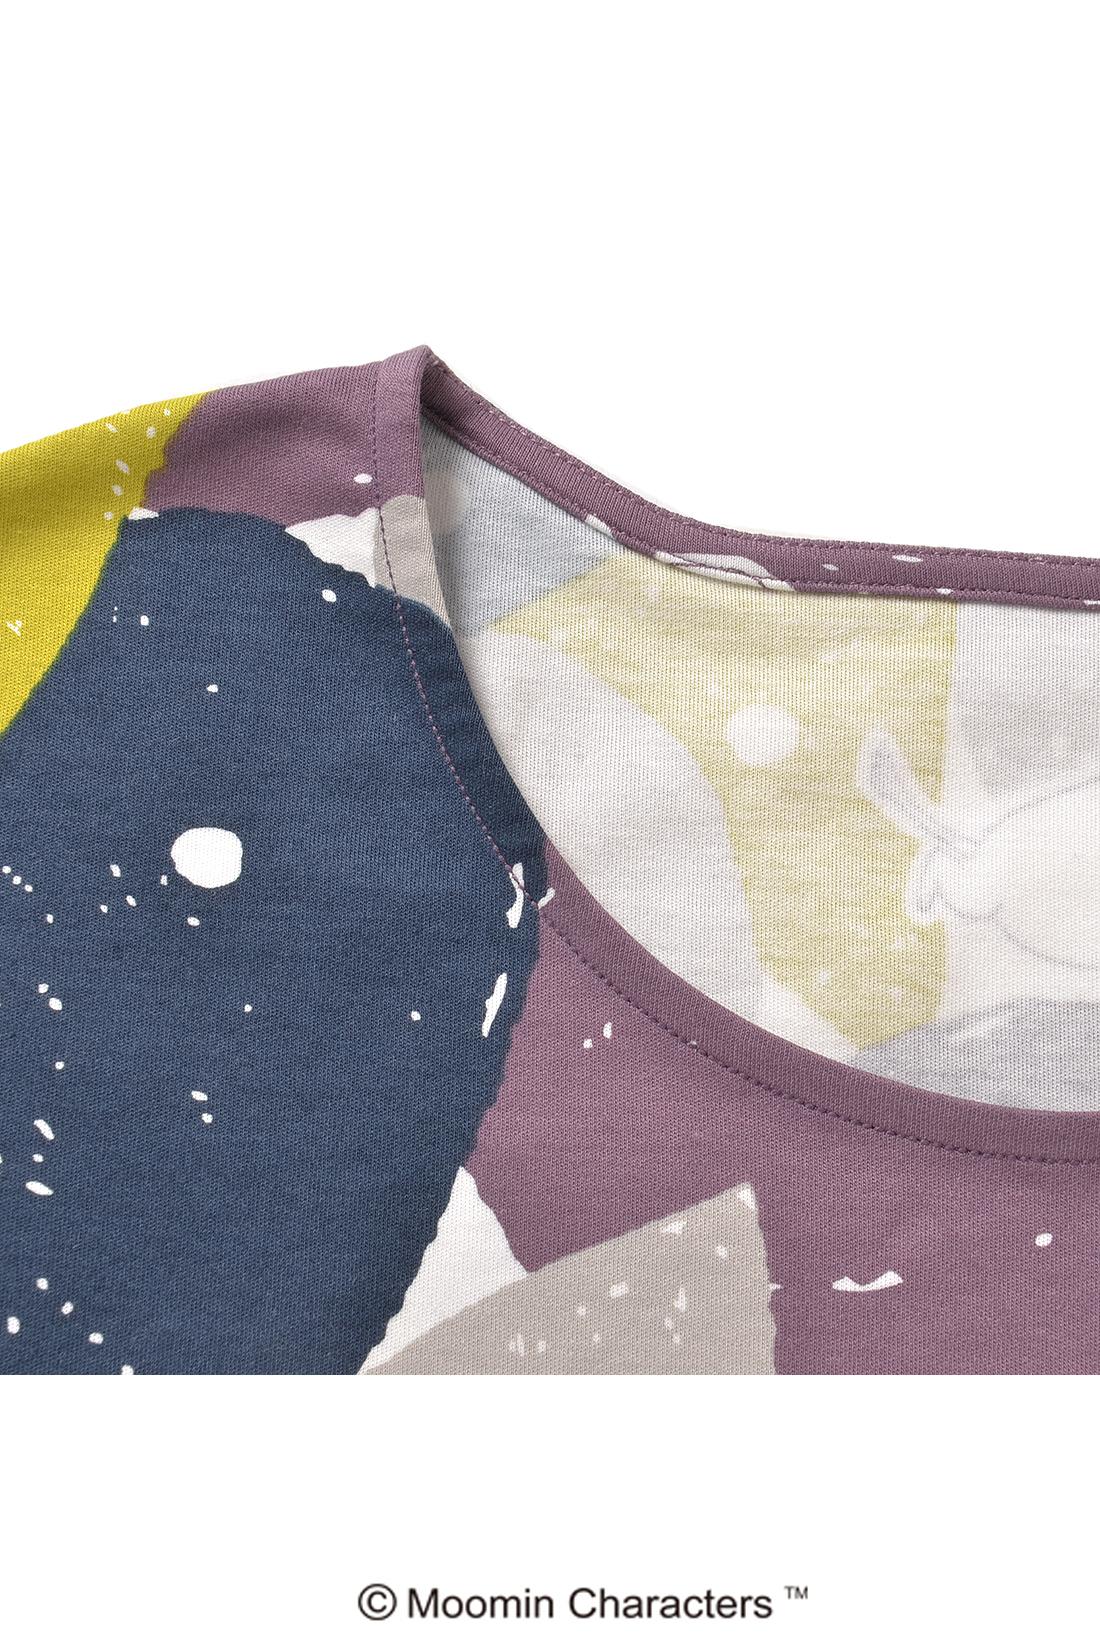 ほどよいネックの開き具合だから、Tシャツ感覚で一枚で着てもタートルなどと組み合わせてもOKね。